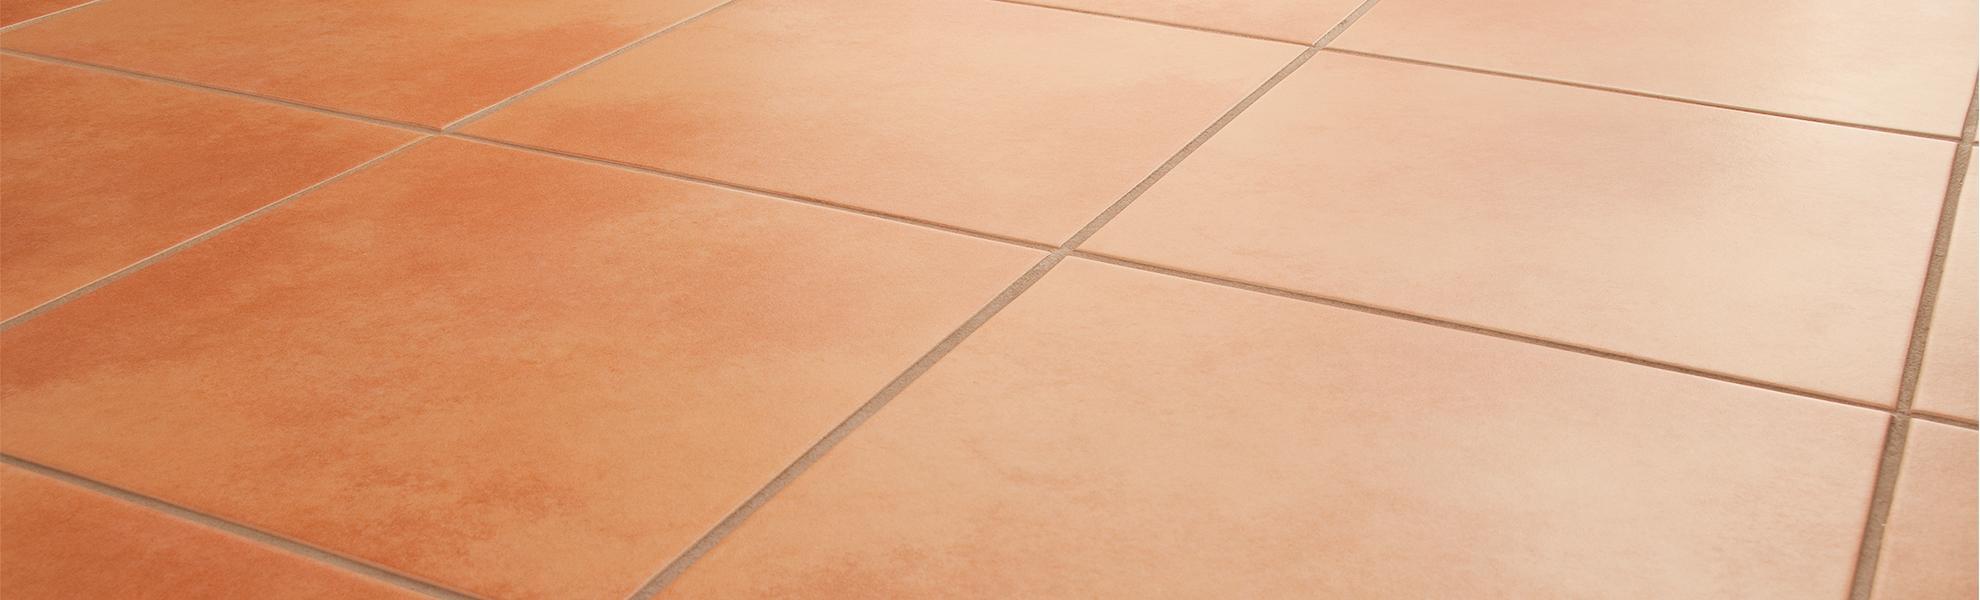 pavimenti, pavimentazioni, messa in posa pavimenti,messa in posa rivestimenti, rivestimento bagno, Rieti